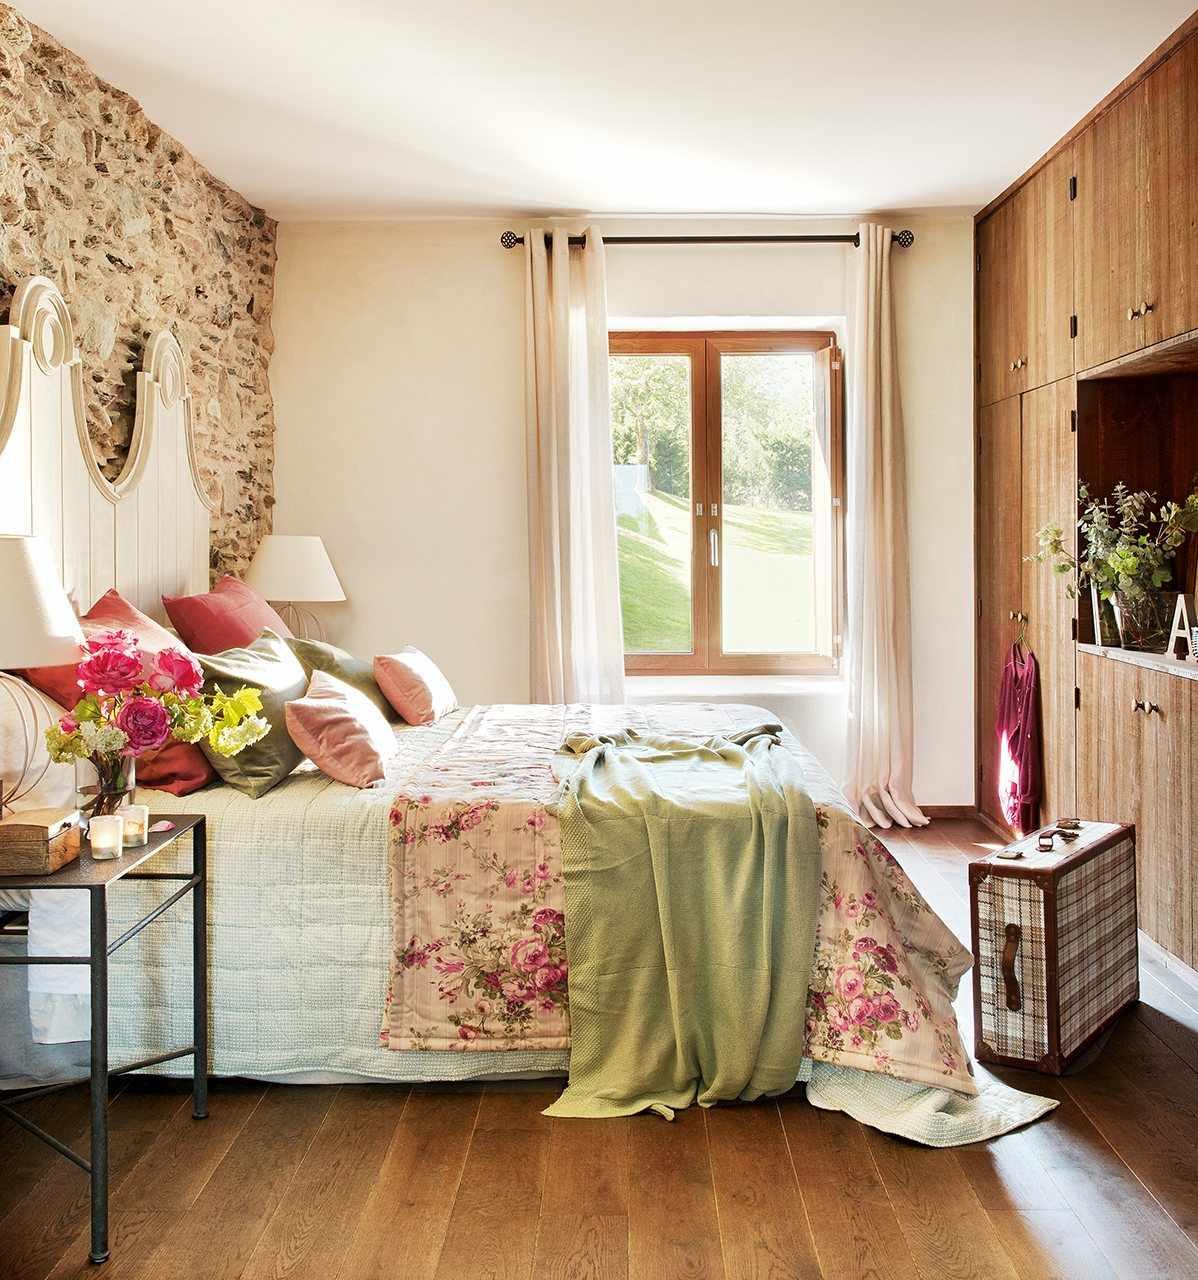 Яркие подушки на кровати в спальне